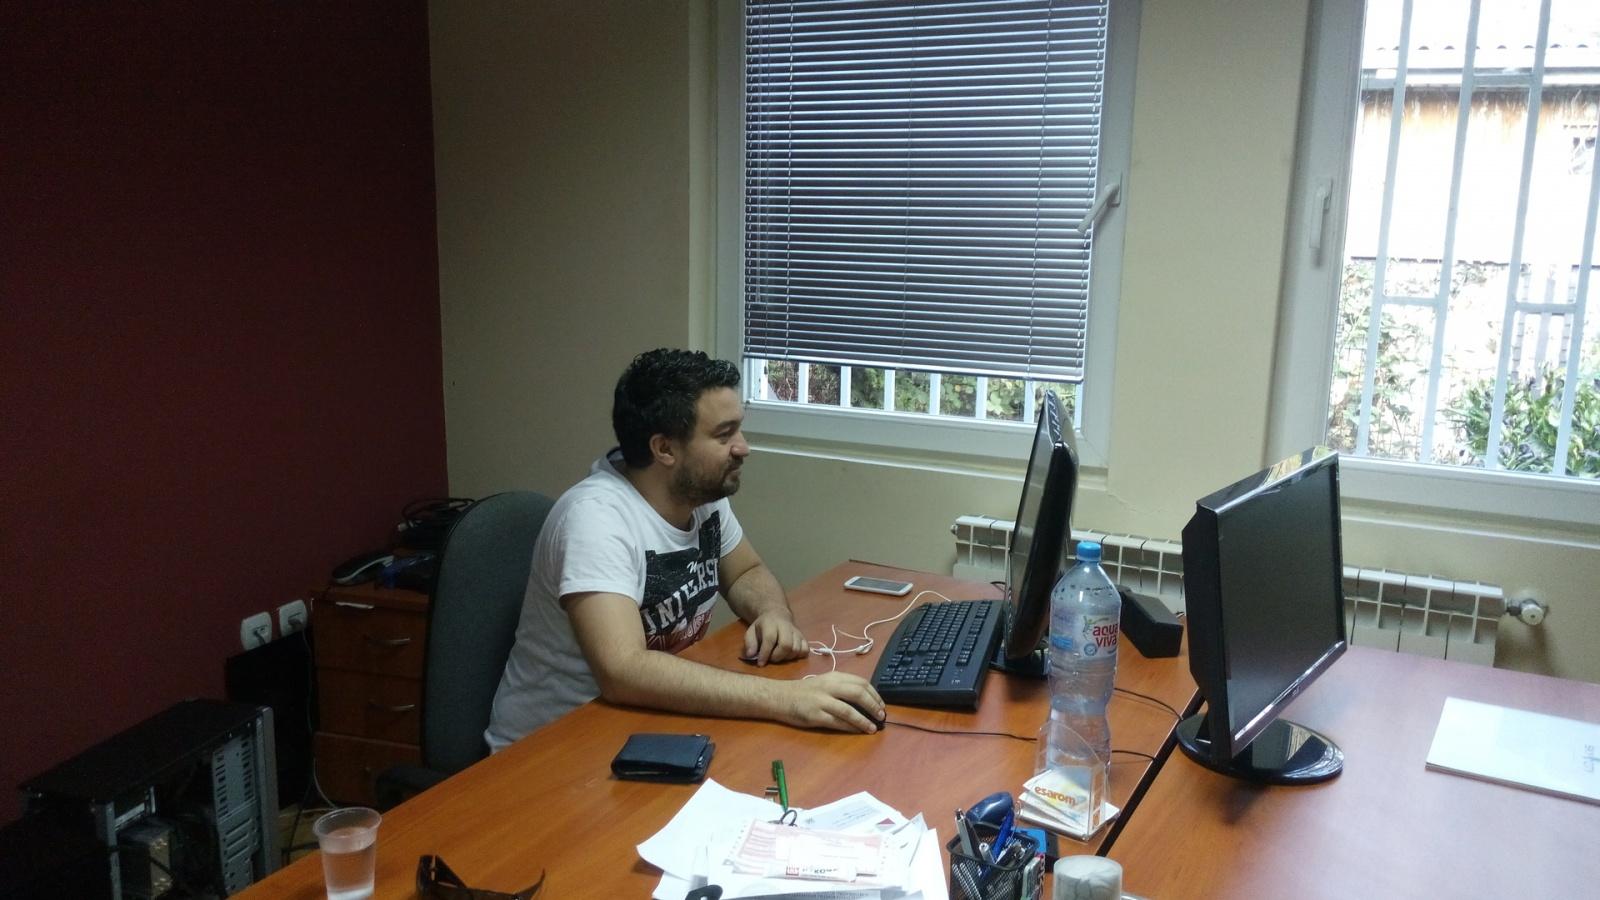 Облачные технологии из Македонии или управление B2B онлайн-проектом удаленно. Часть 2, бизнес-инкубатор в Скопье - 10